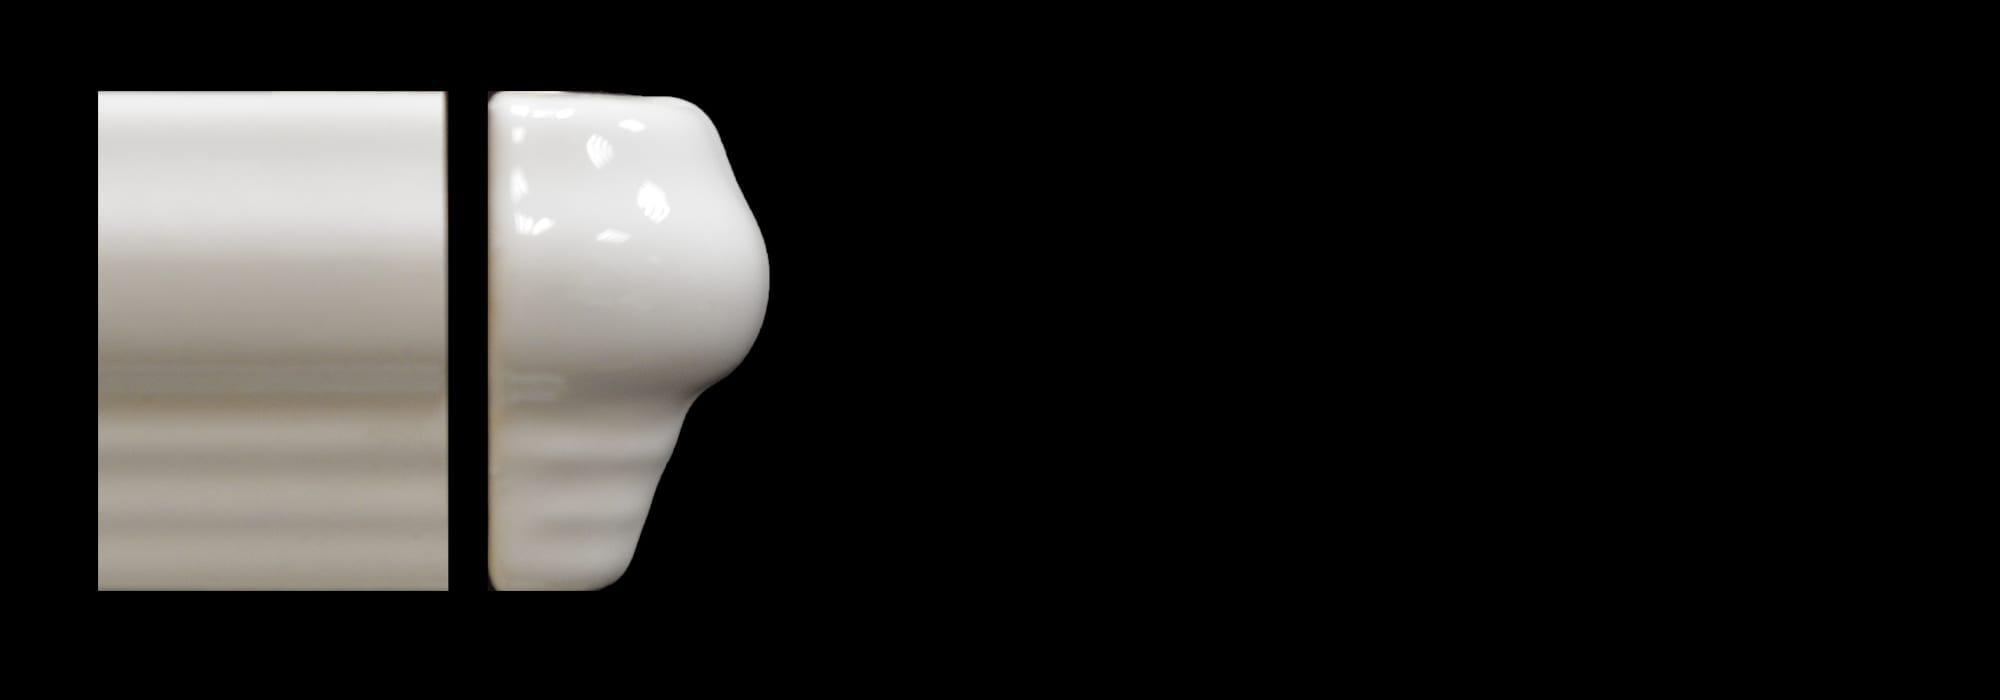 פינה לקרניז קרמיקה לבן מבריק (דגם 5) 4.5*30 by Milstone